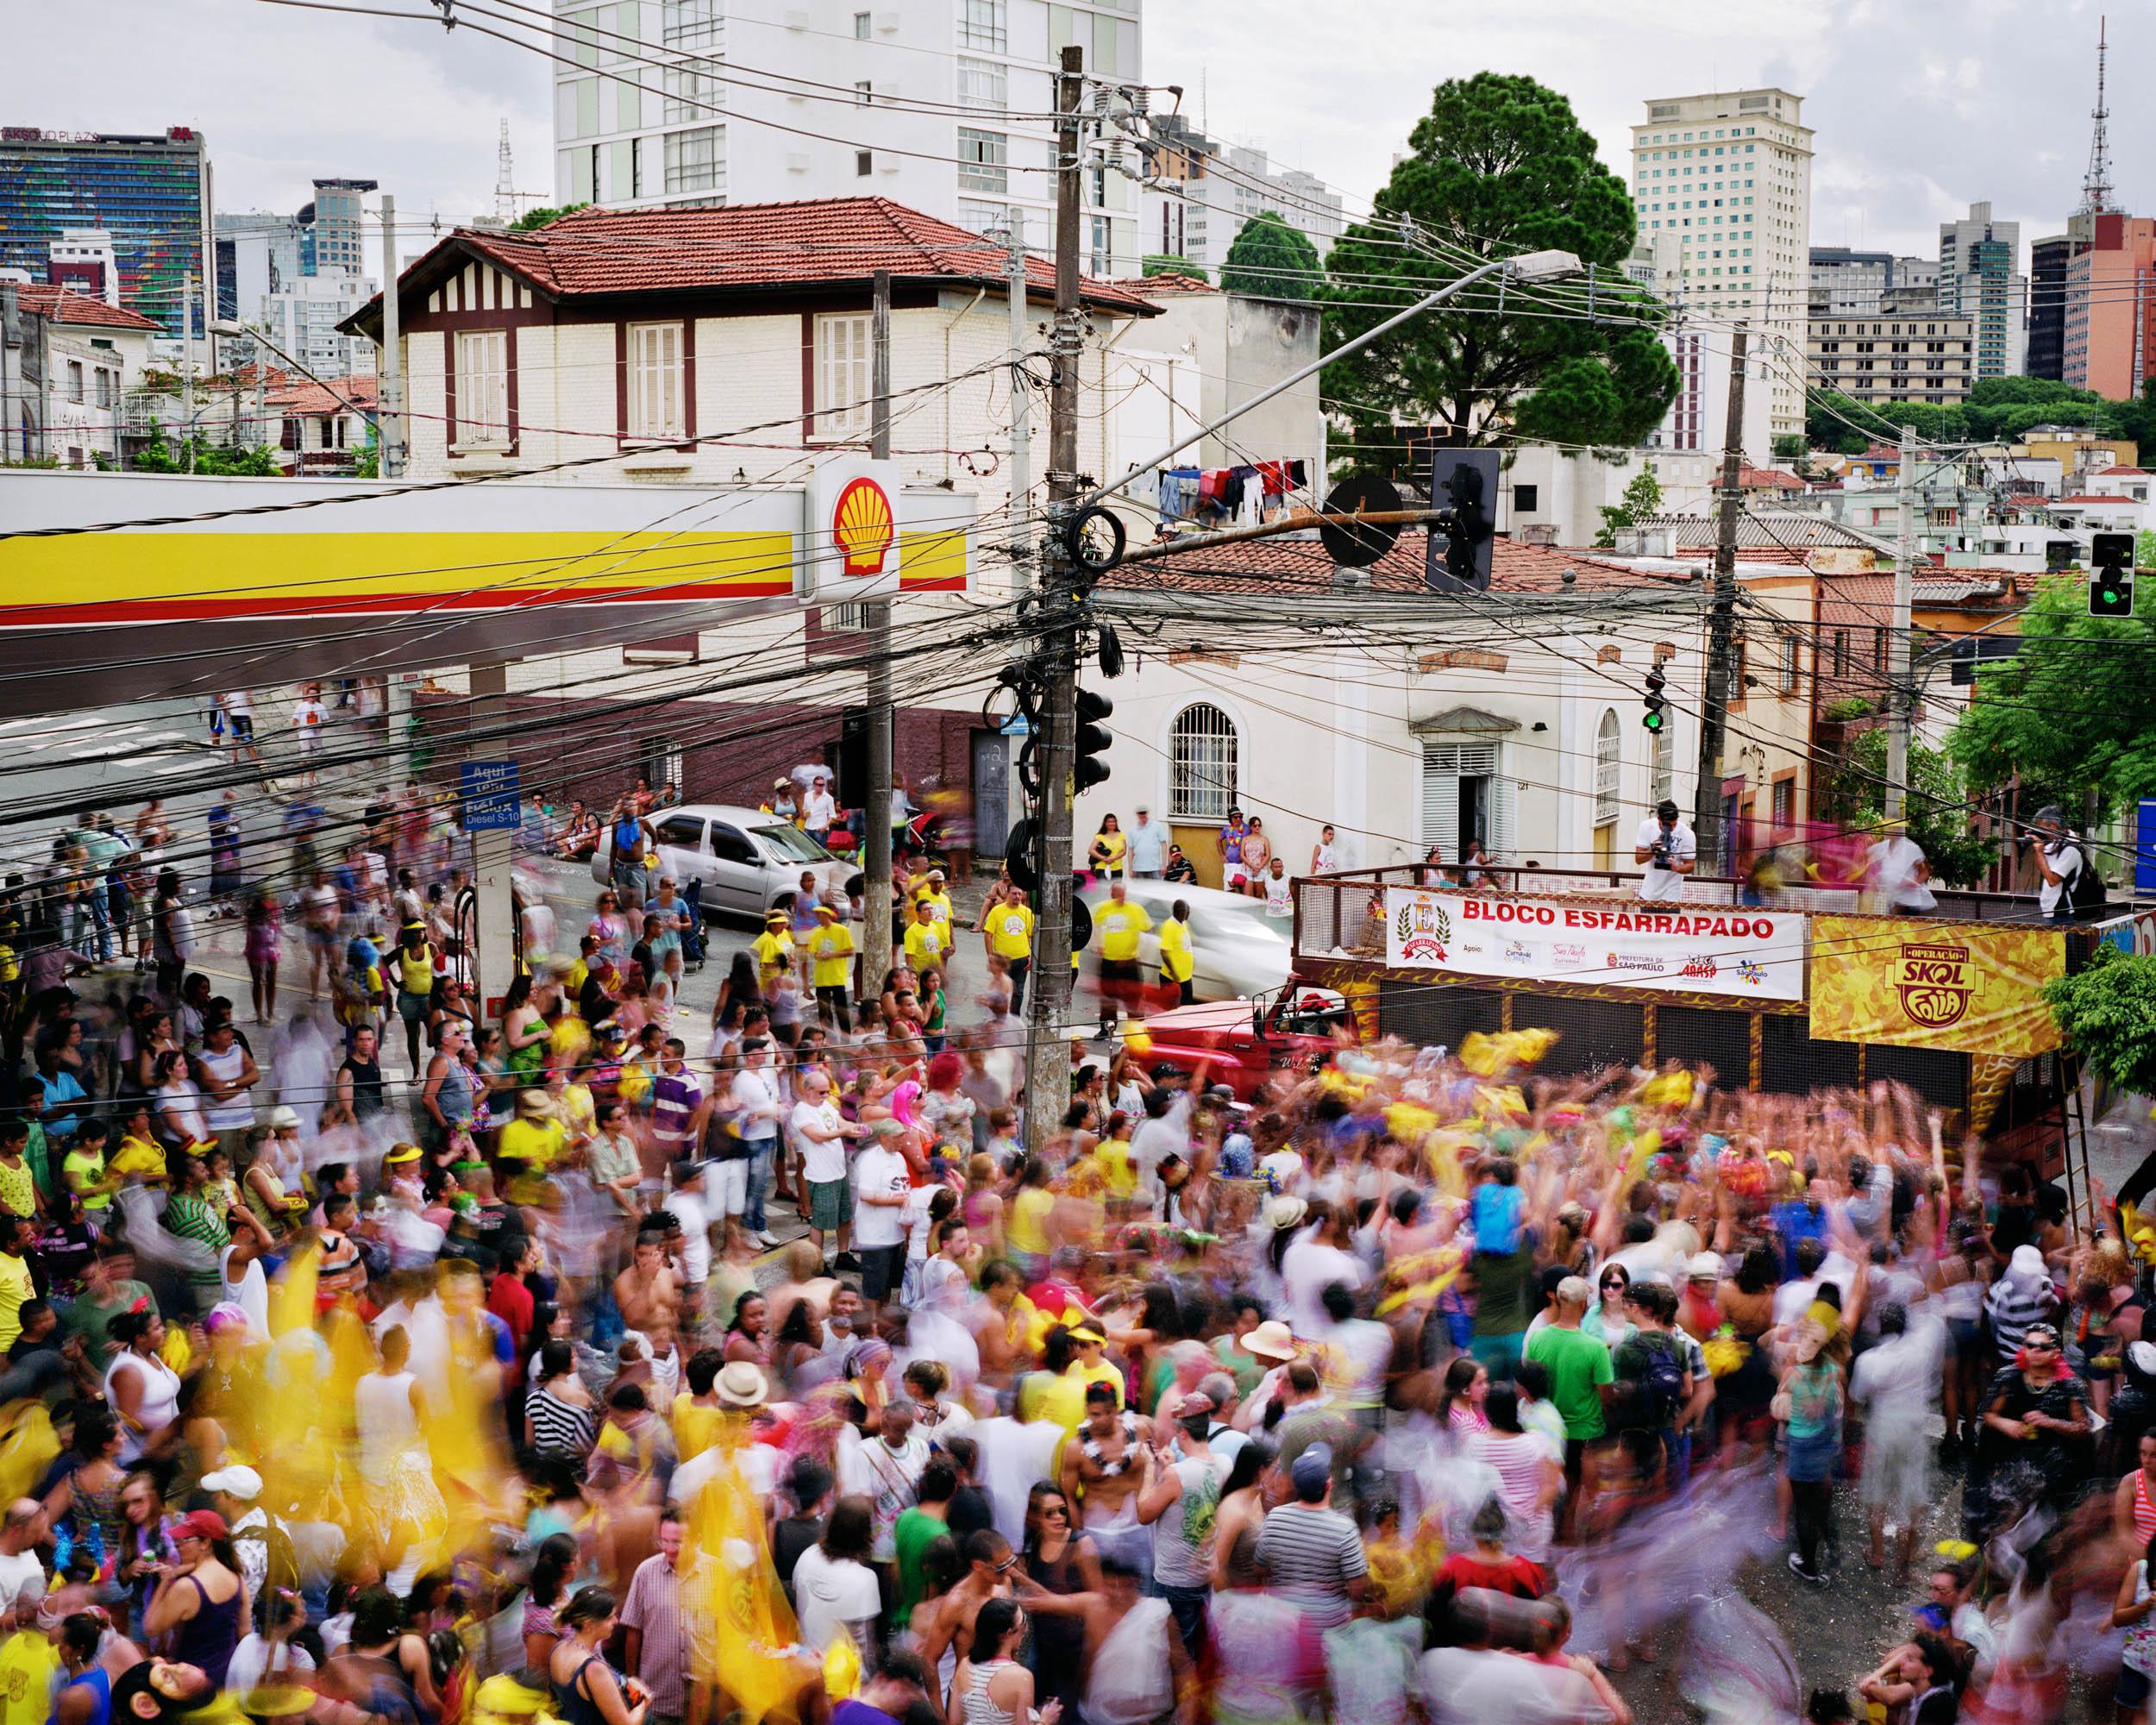 Rua Conselheiro Carrao, Se, Sao Paulo, Brazil (Carnaval)